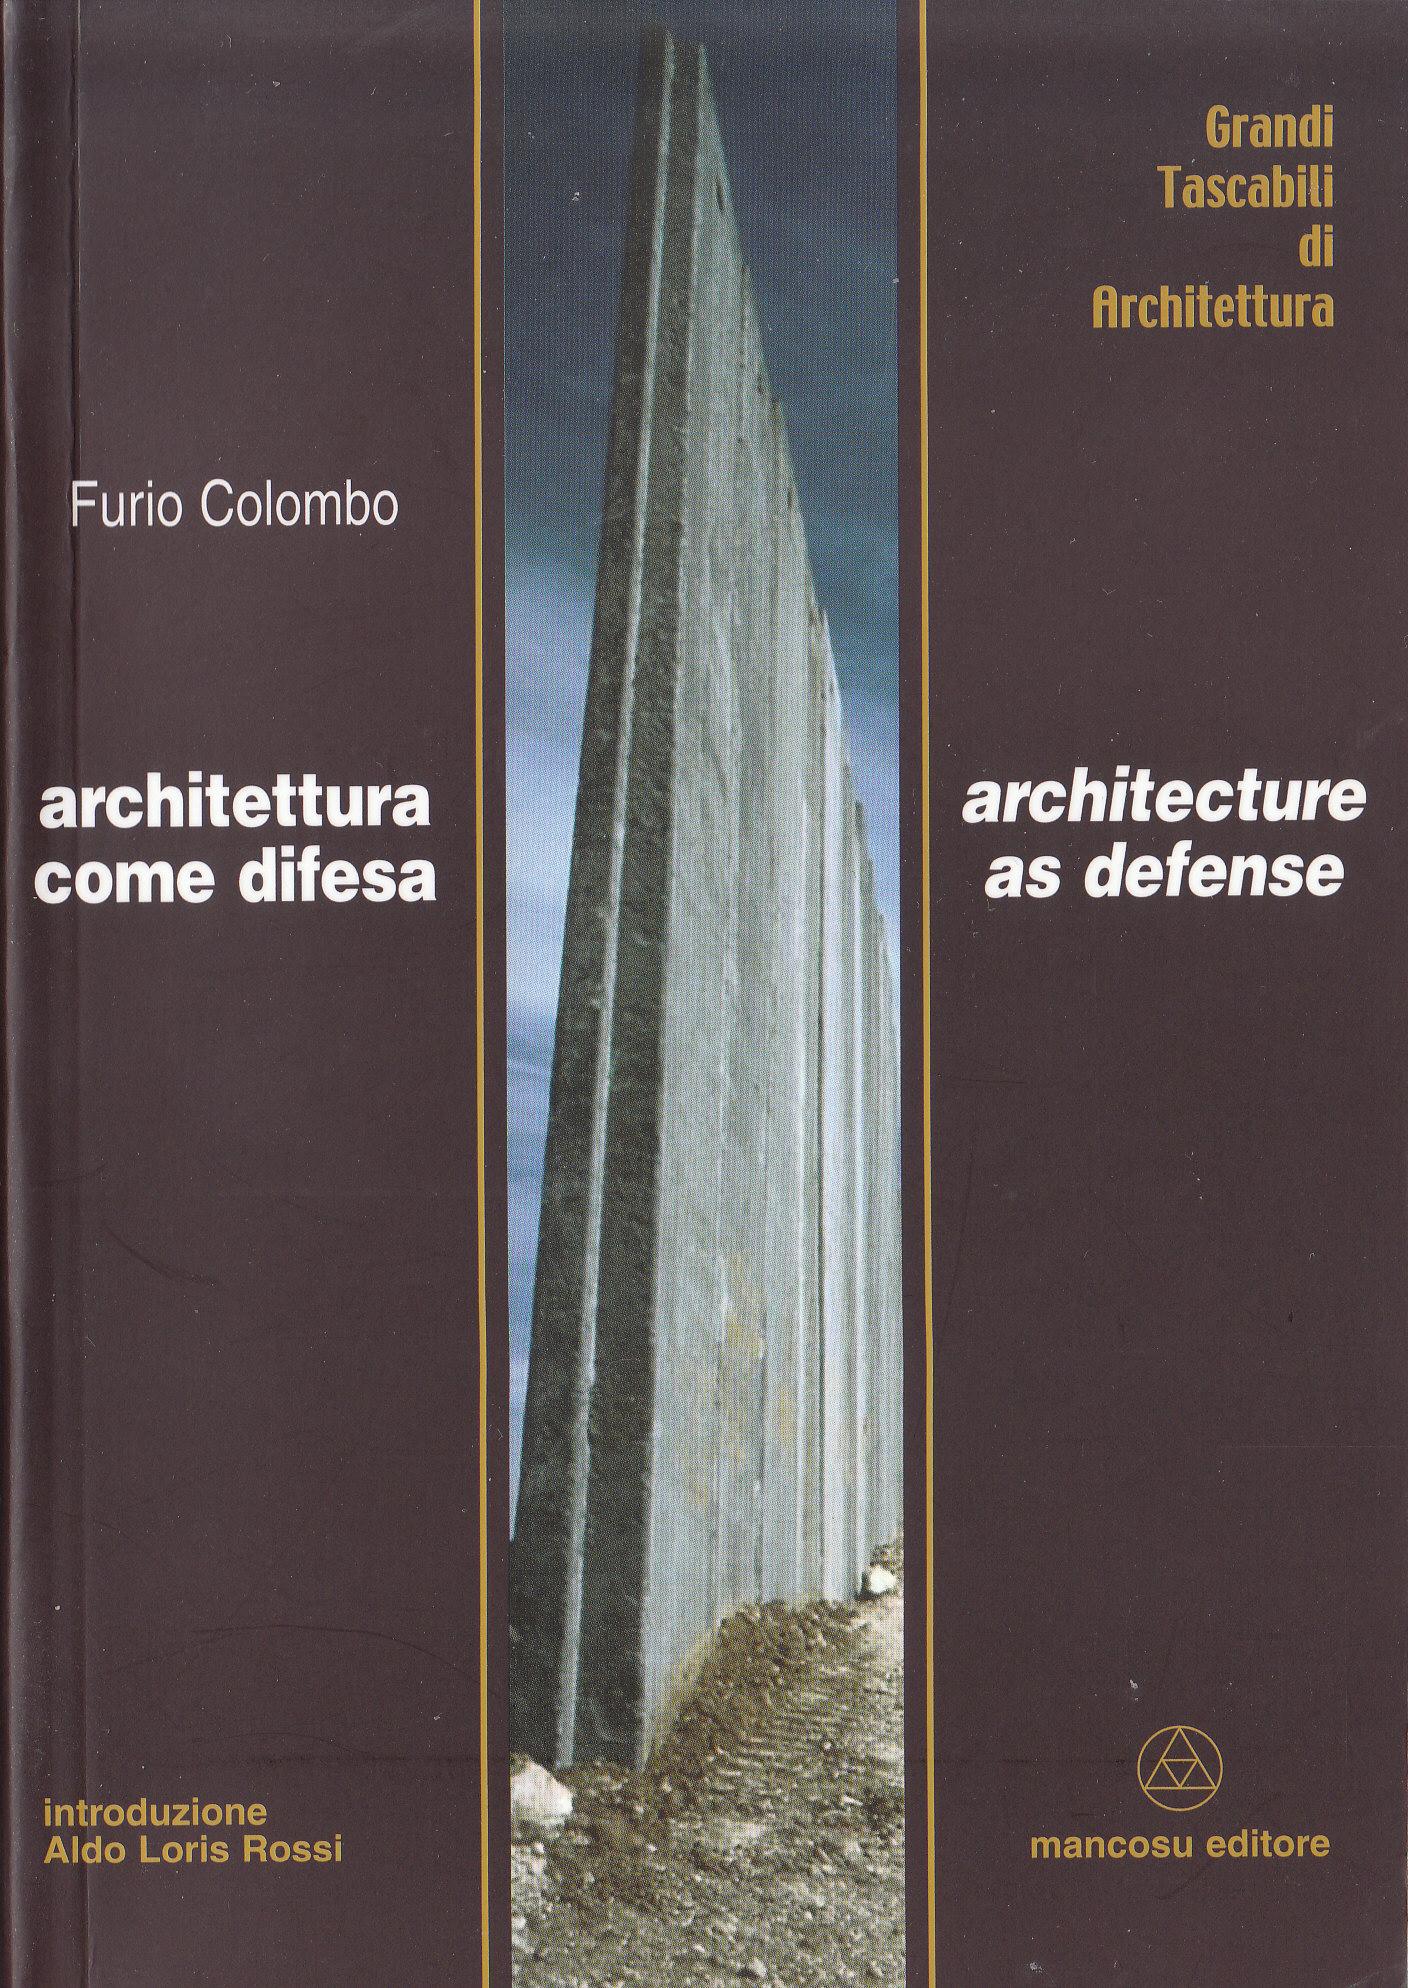 Architettura come difesa-Architecture as defense